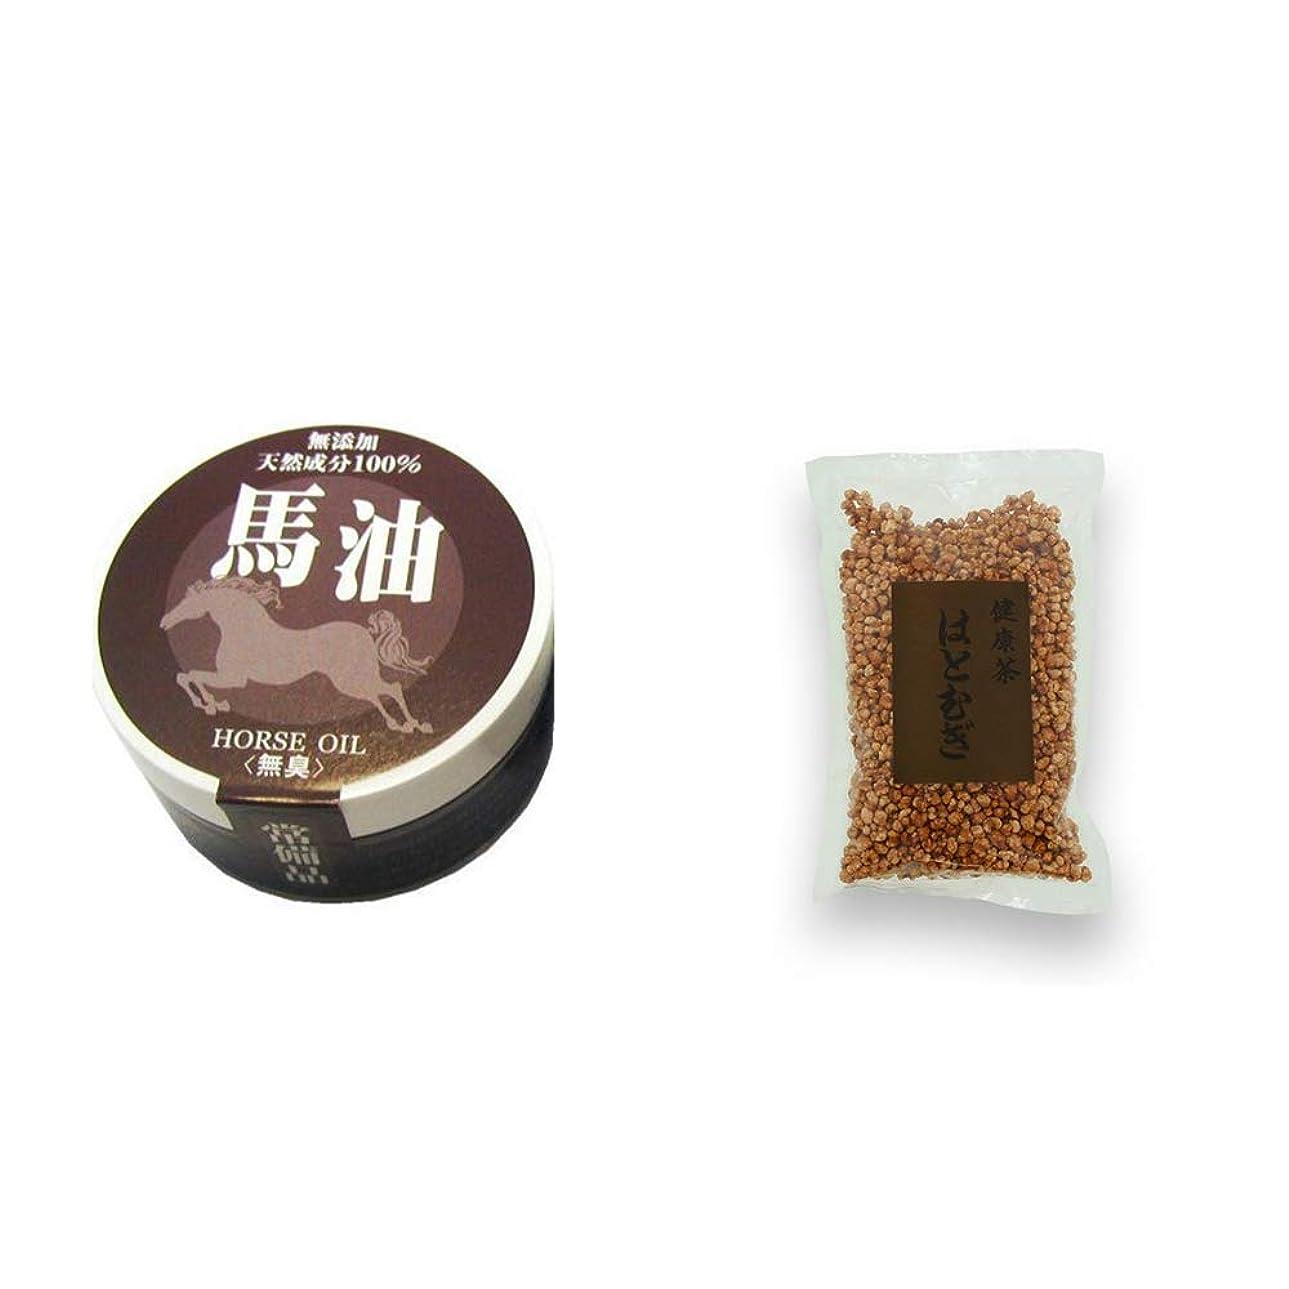 便益緩めるでも[2点セット] 無添加天然成分100% 馬油[無香料](38g)?健康茶 はとむぎ(200g)